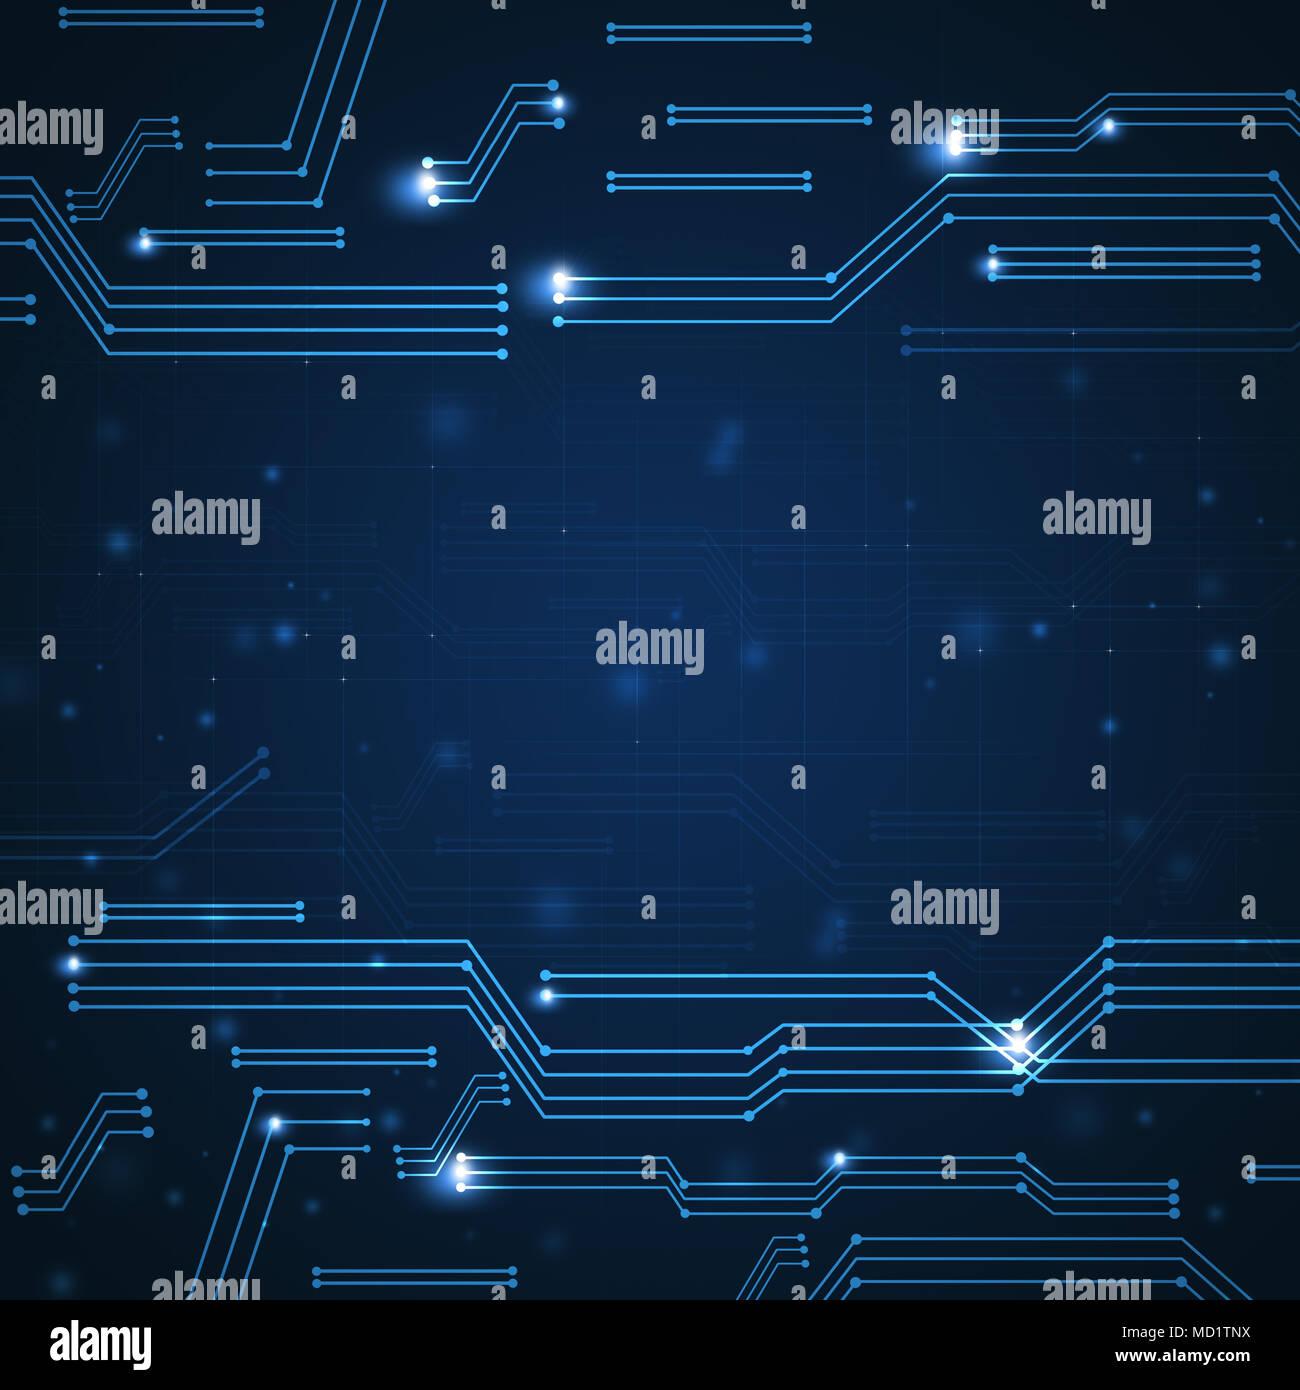 Concepto esquema gráfico de conexiones digitales tecnología de fondo Imagen De Stock